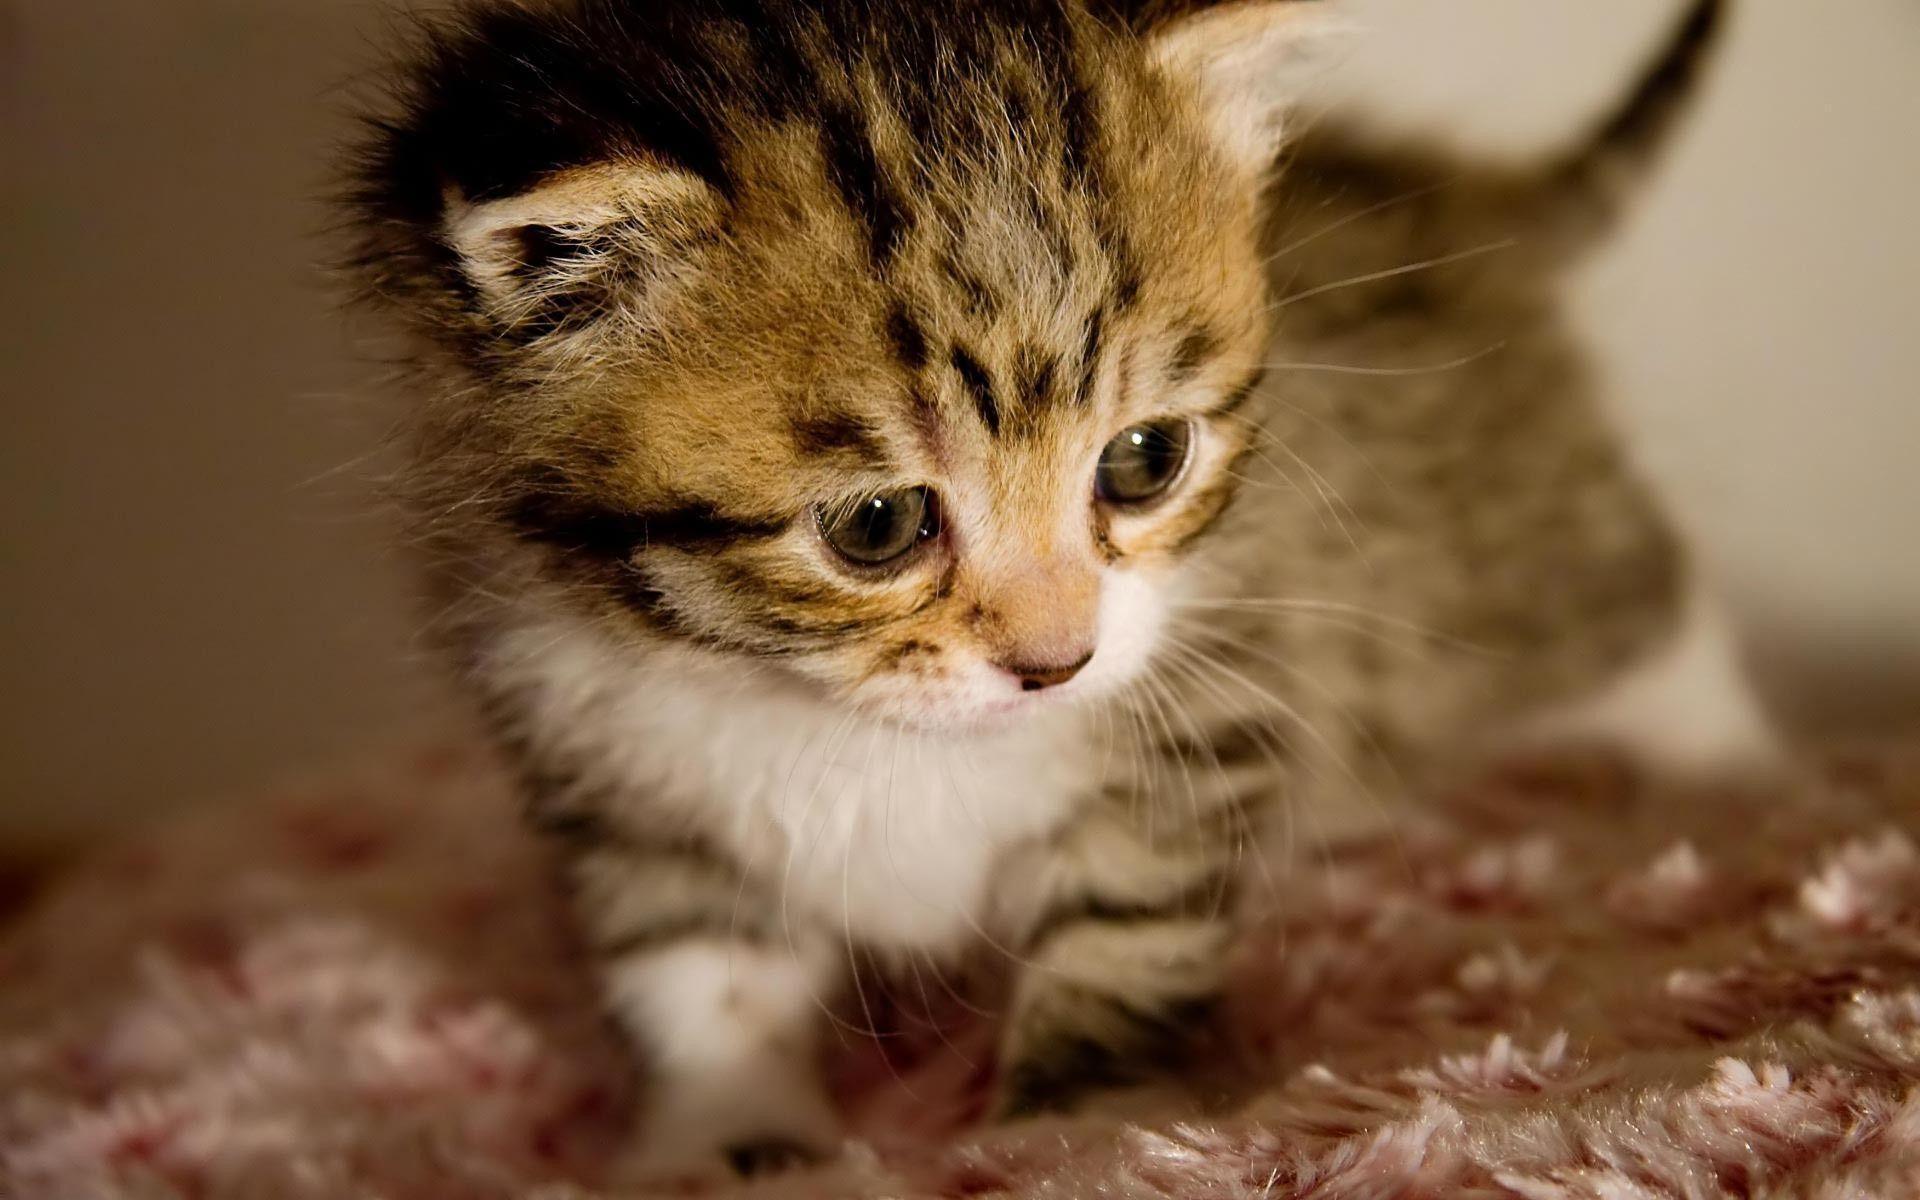 Baby Kitten Wallpapers - Wallpaper Cave